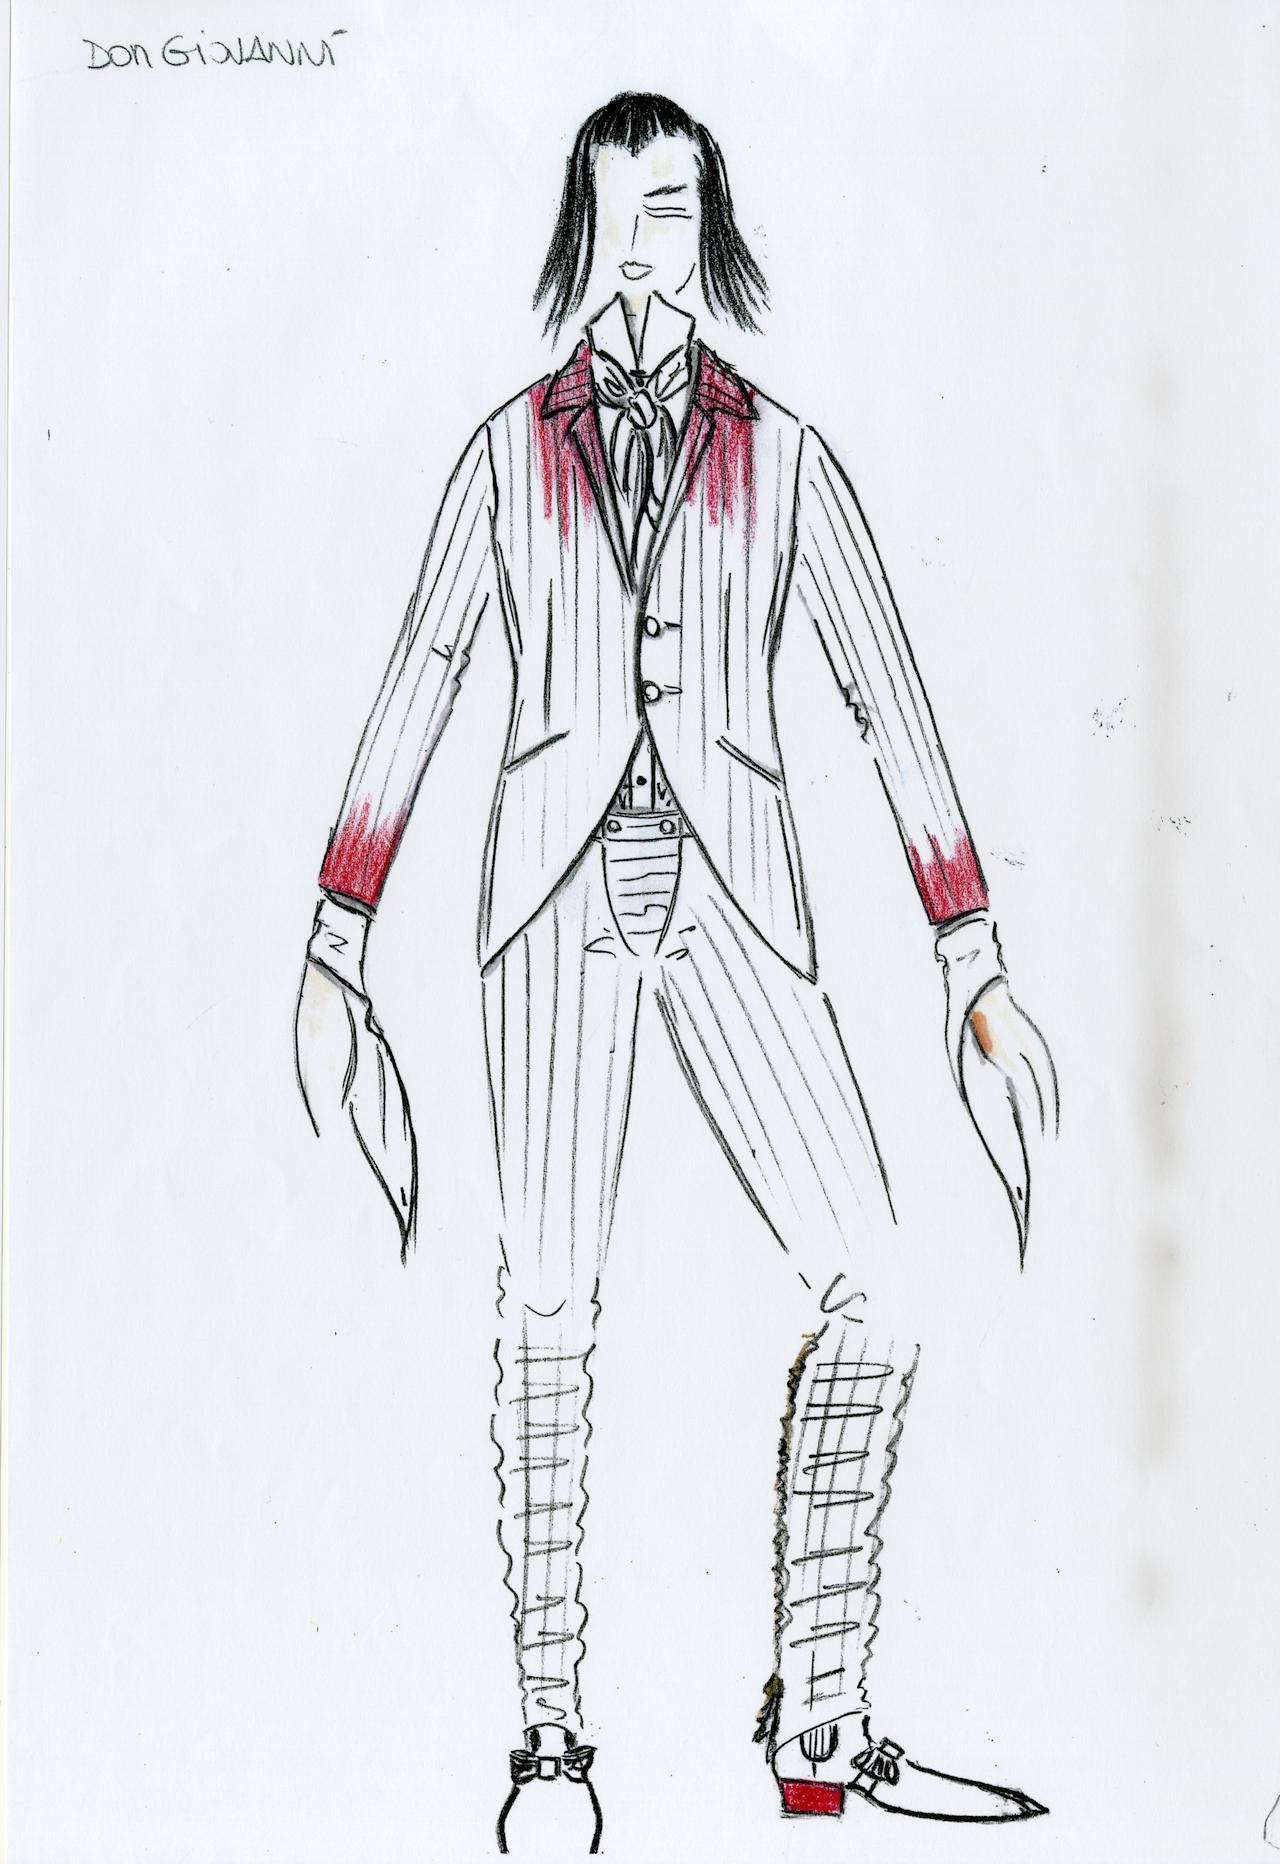 Romeo Gigli's sketch for Don Giovanni (Foto: ROMEO GIGLI)